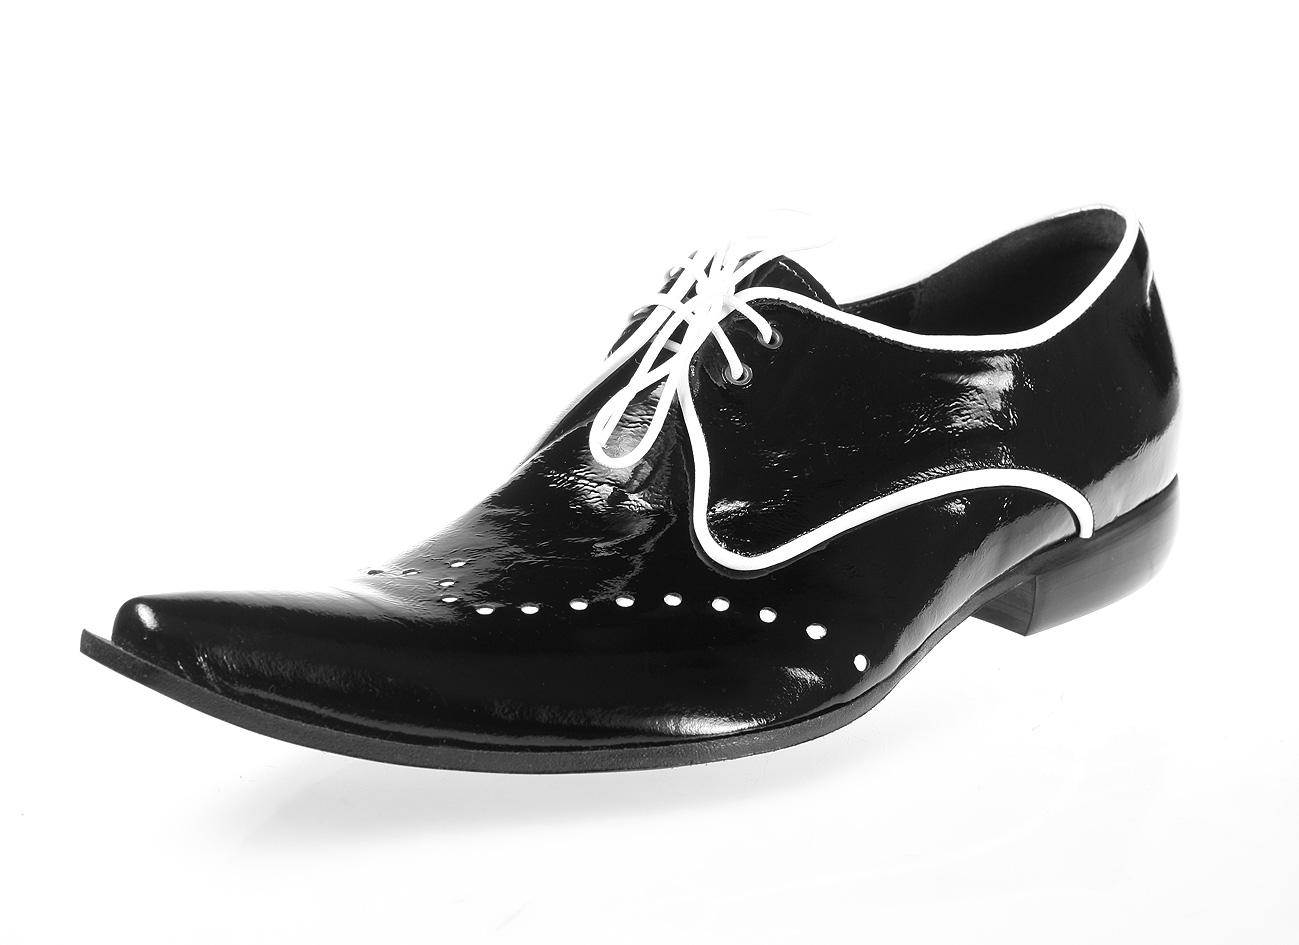 Obuwie Dla Odważnych id  213 Comodo E Sano - obuwie doskonałe ... f05647237b6